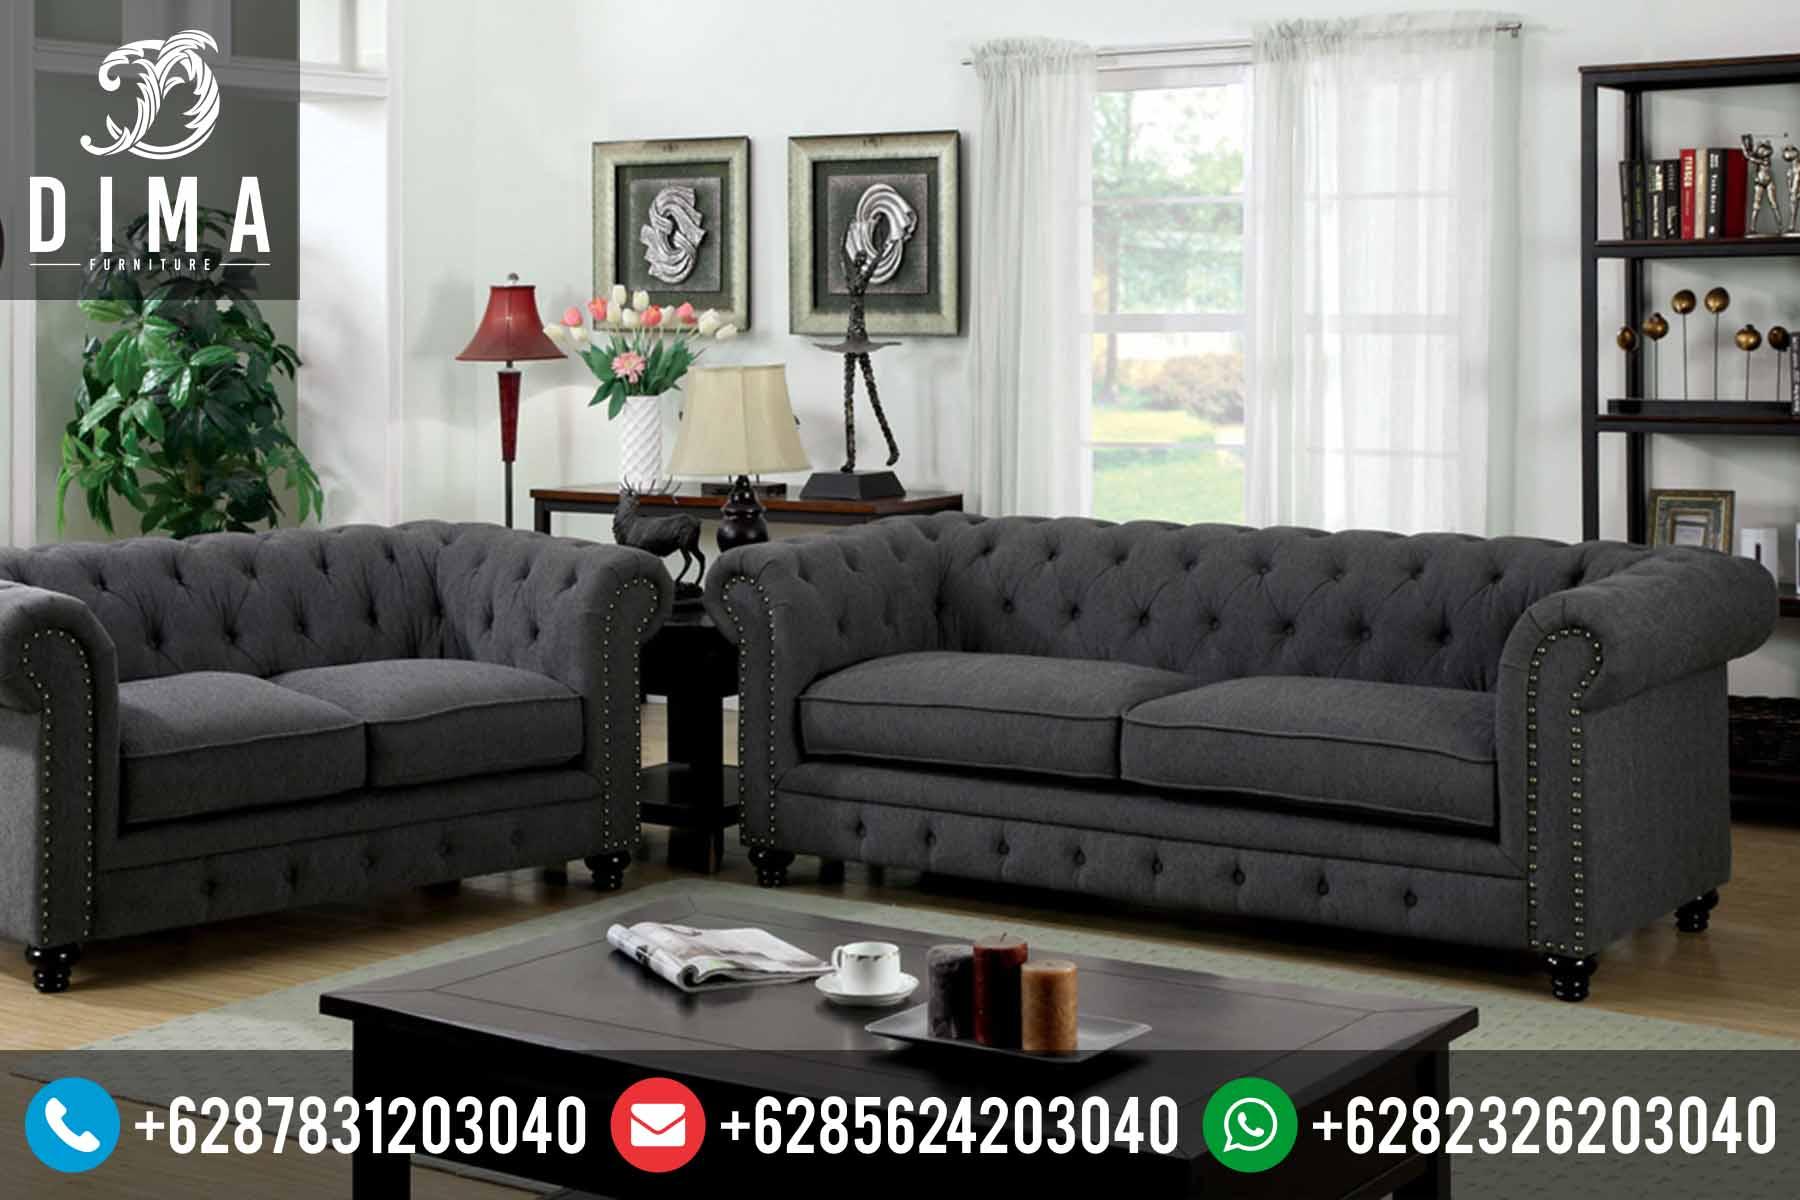 Kursi Sofa Tamu Minimalis Modern Terbaru Harga Termurah Jepara DF-0068